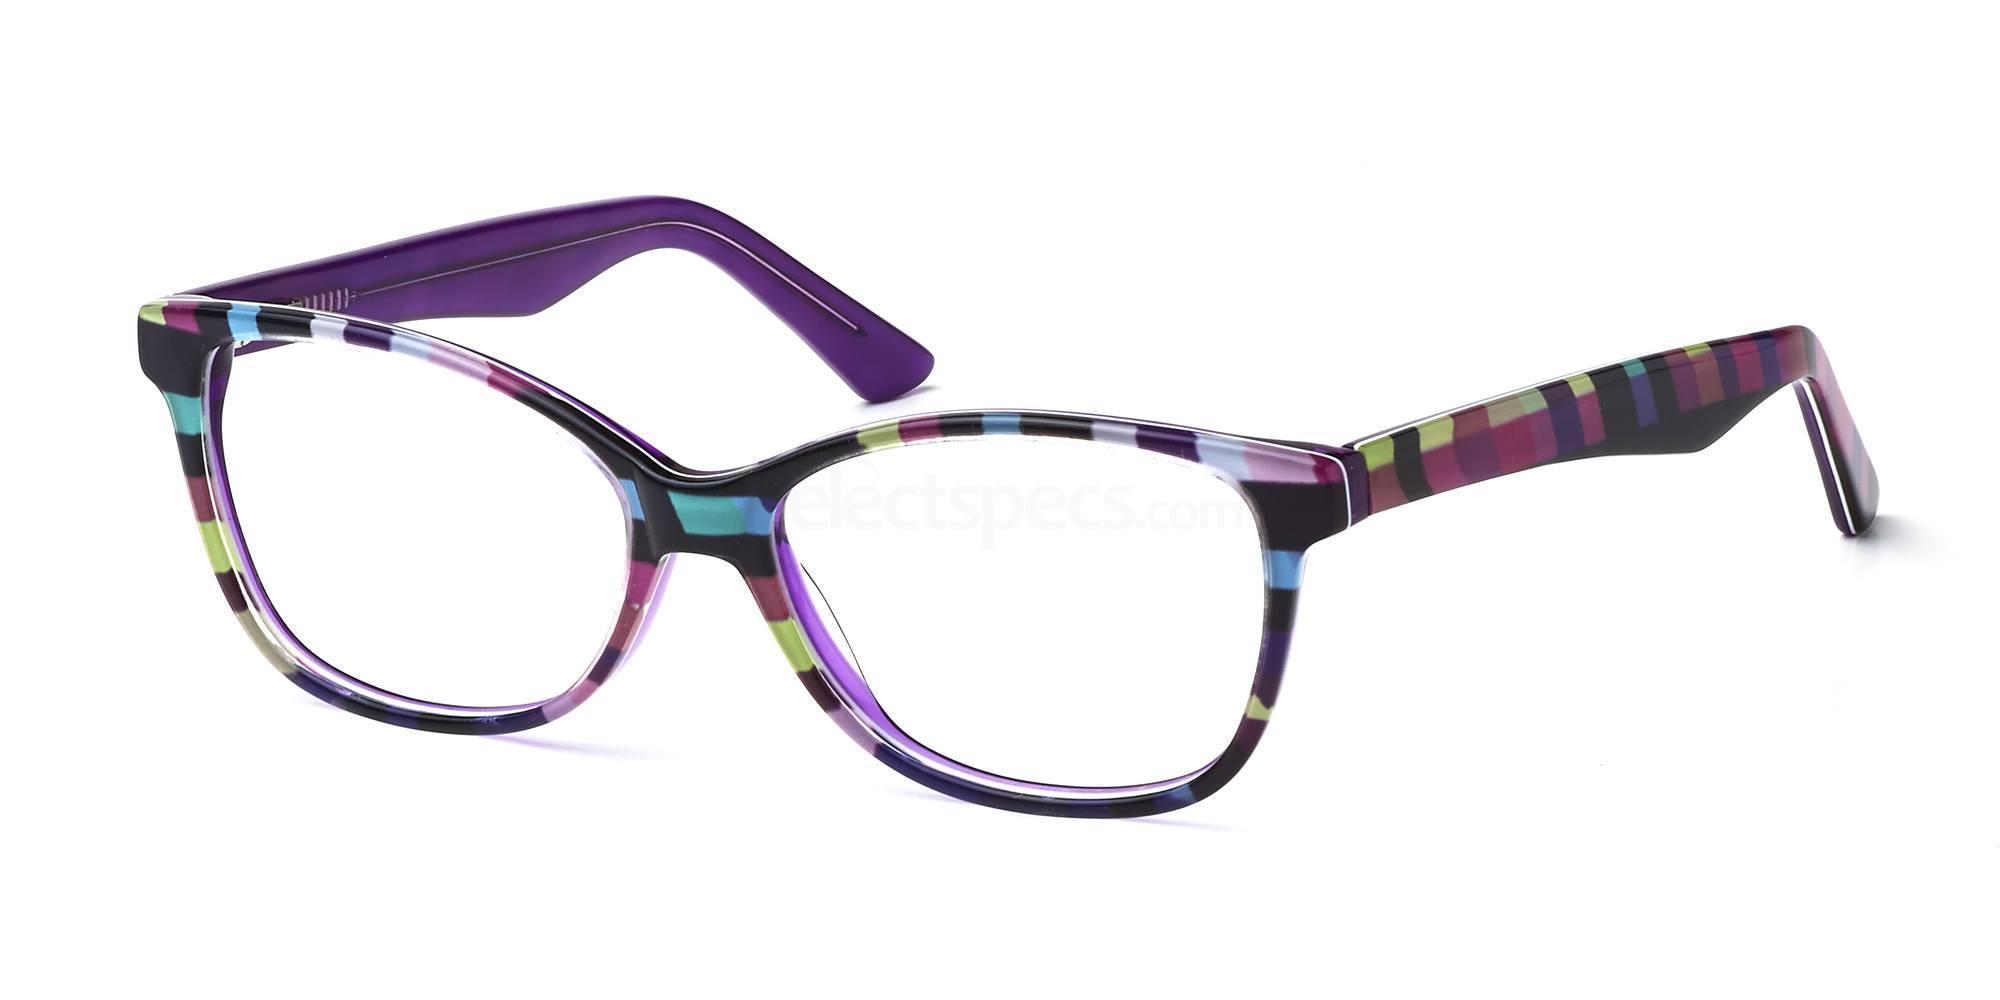 C1 DM121 Glasses, DiMarco